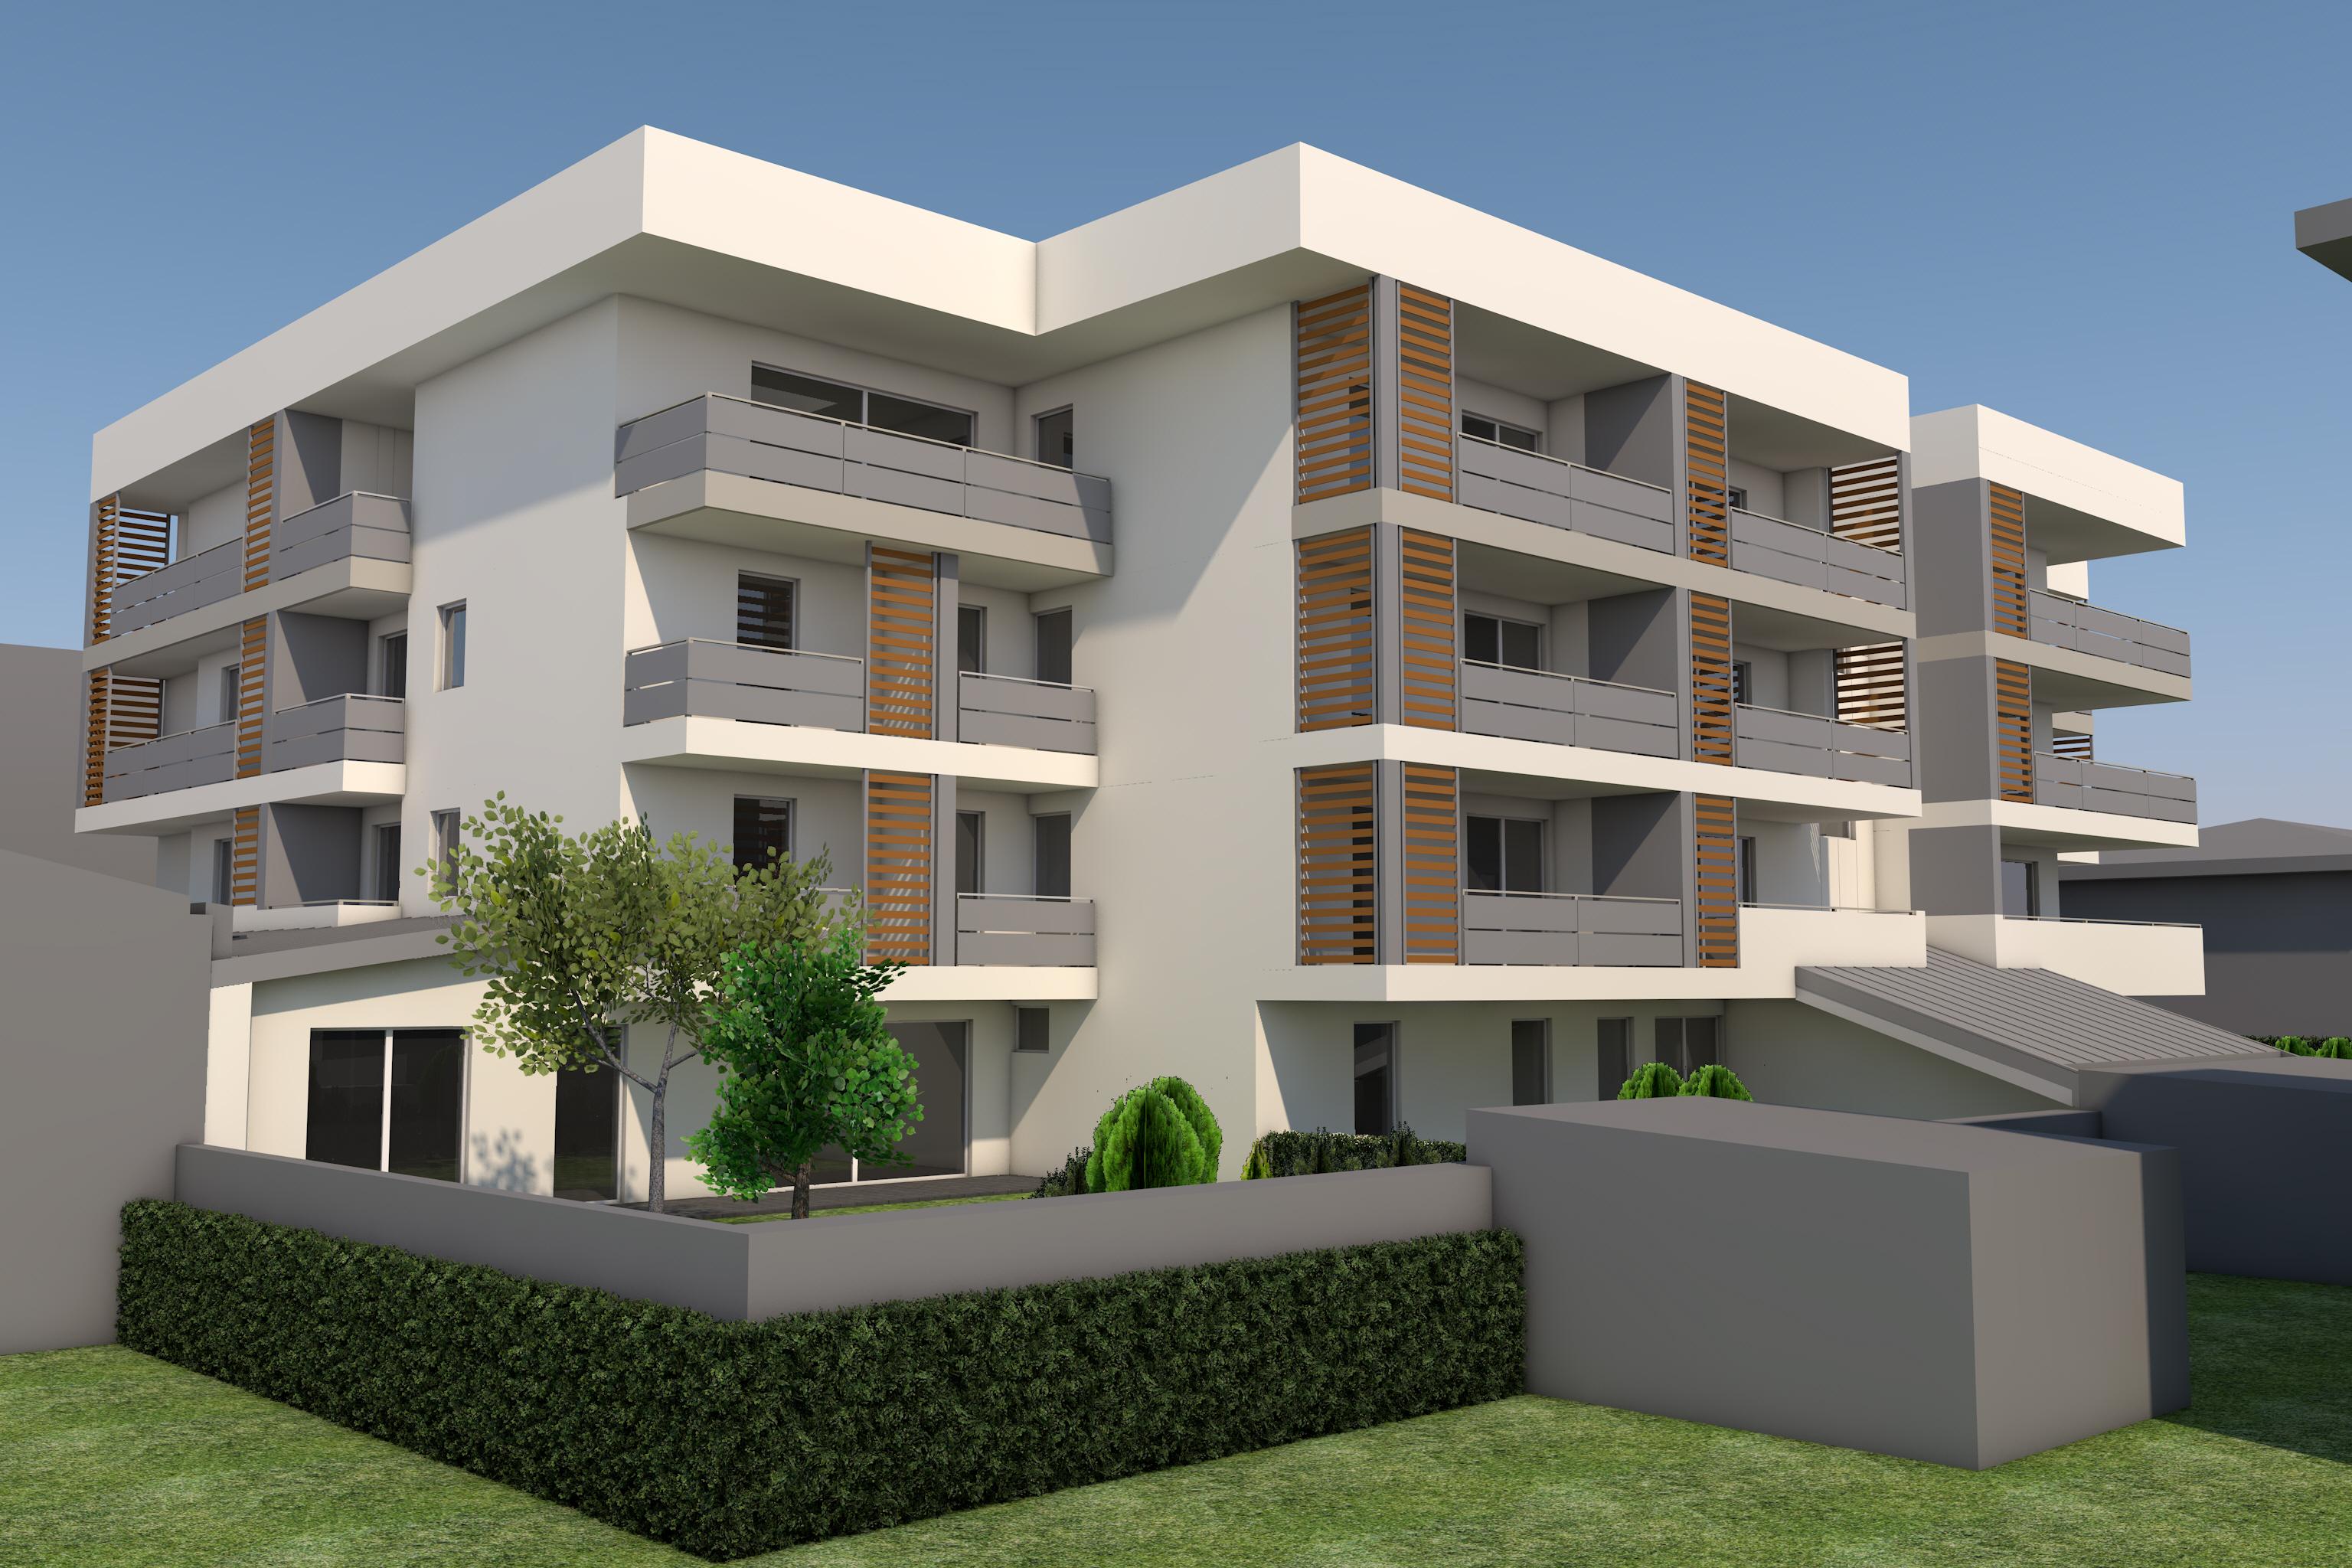 Appartamento B5- Residenza Jacopino | Rovereto Lizzanella, Via Jacopino